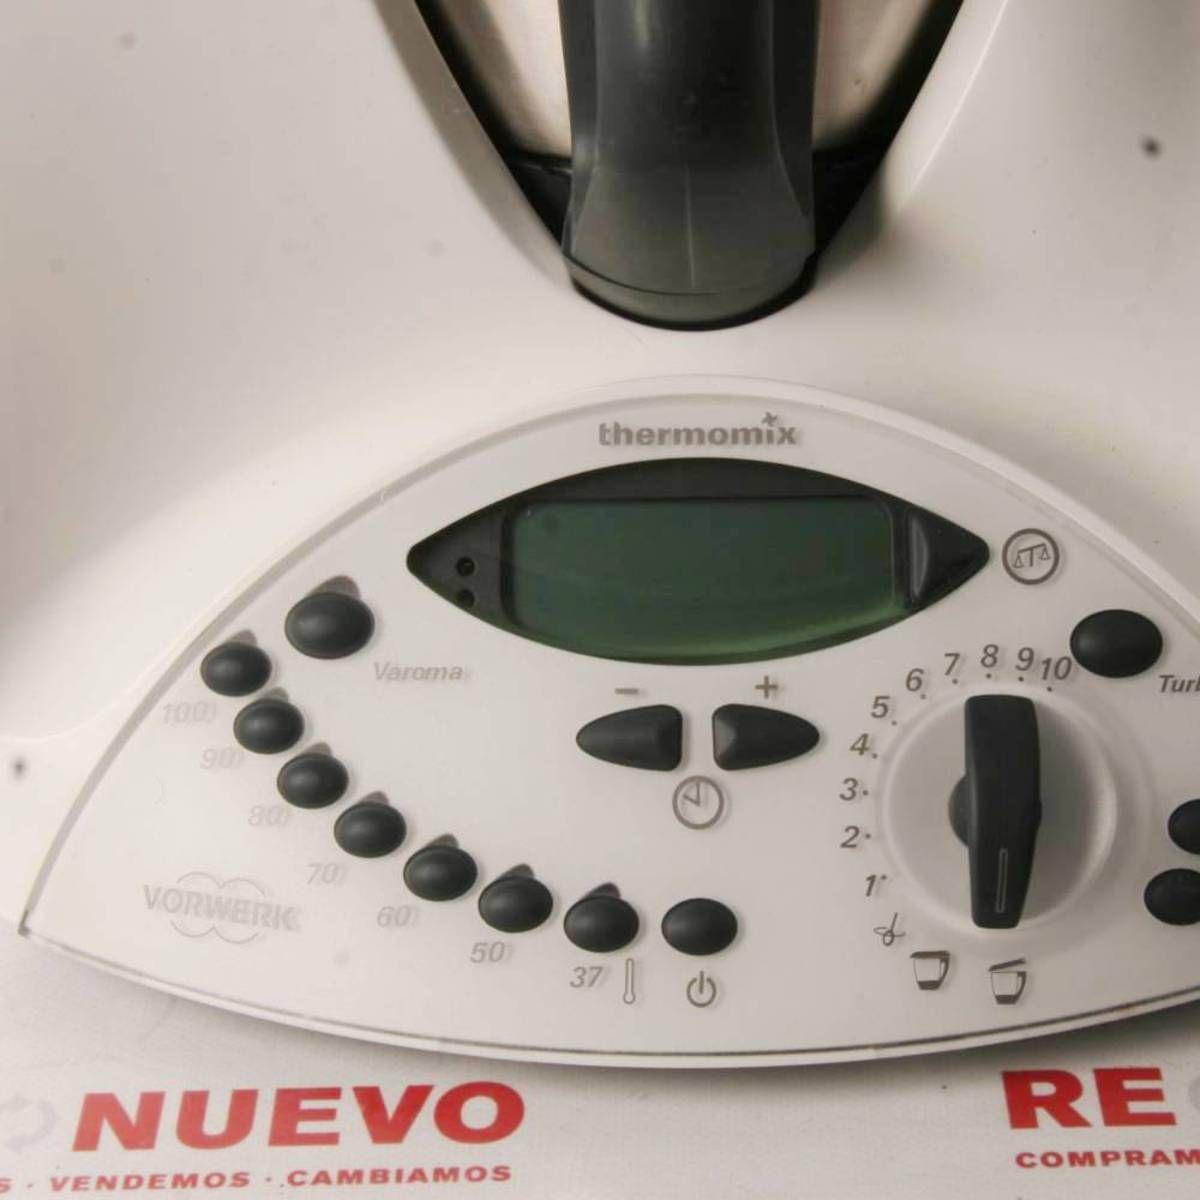 Robot de cocina de segunda mano thermomix tm 31 e279684 tienda online de segunda mano en - Cosas del hogar de segunda mano ...